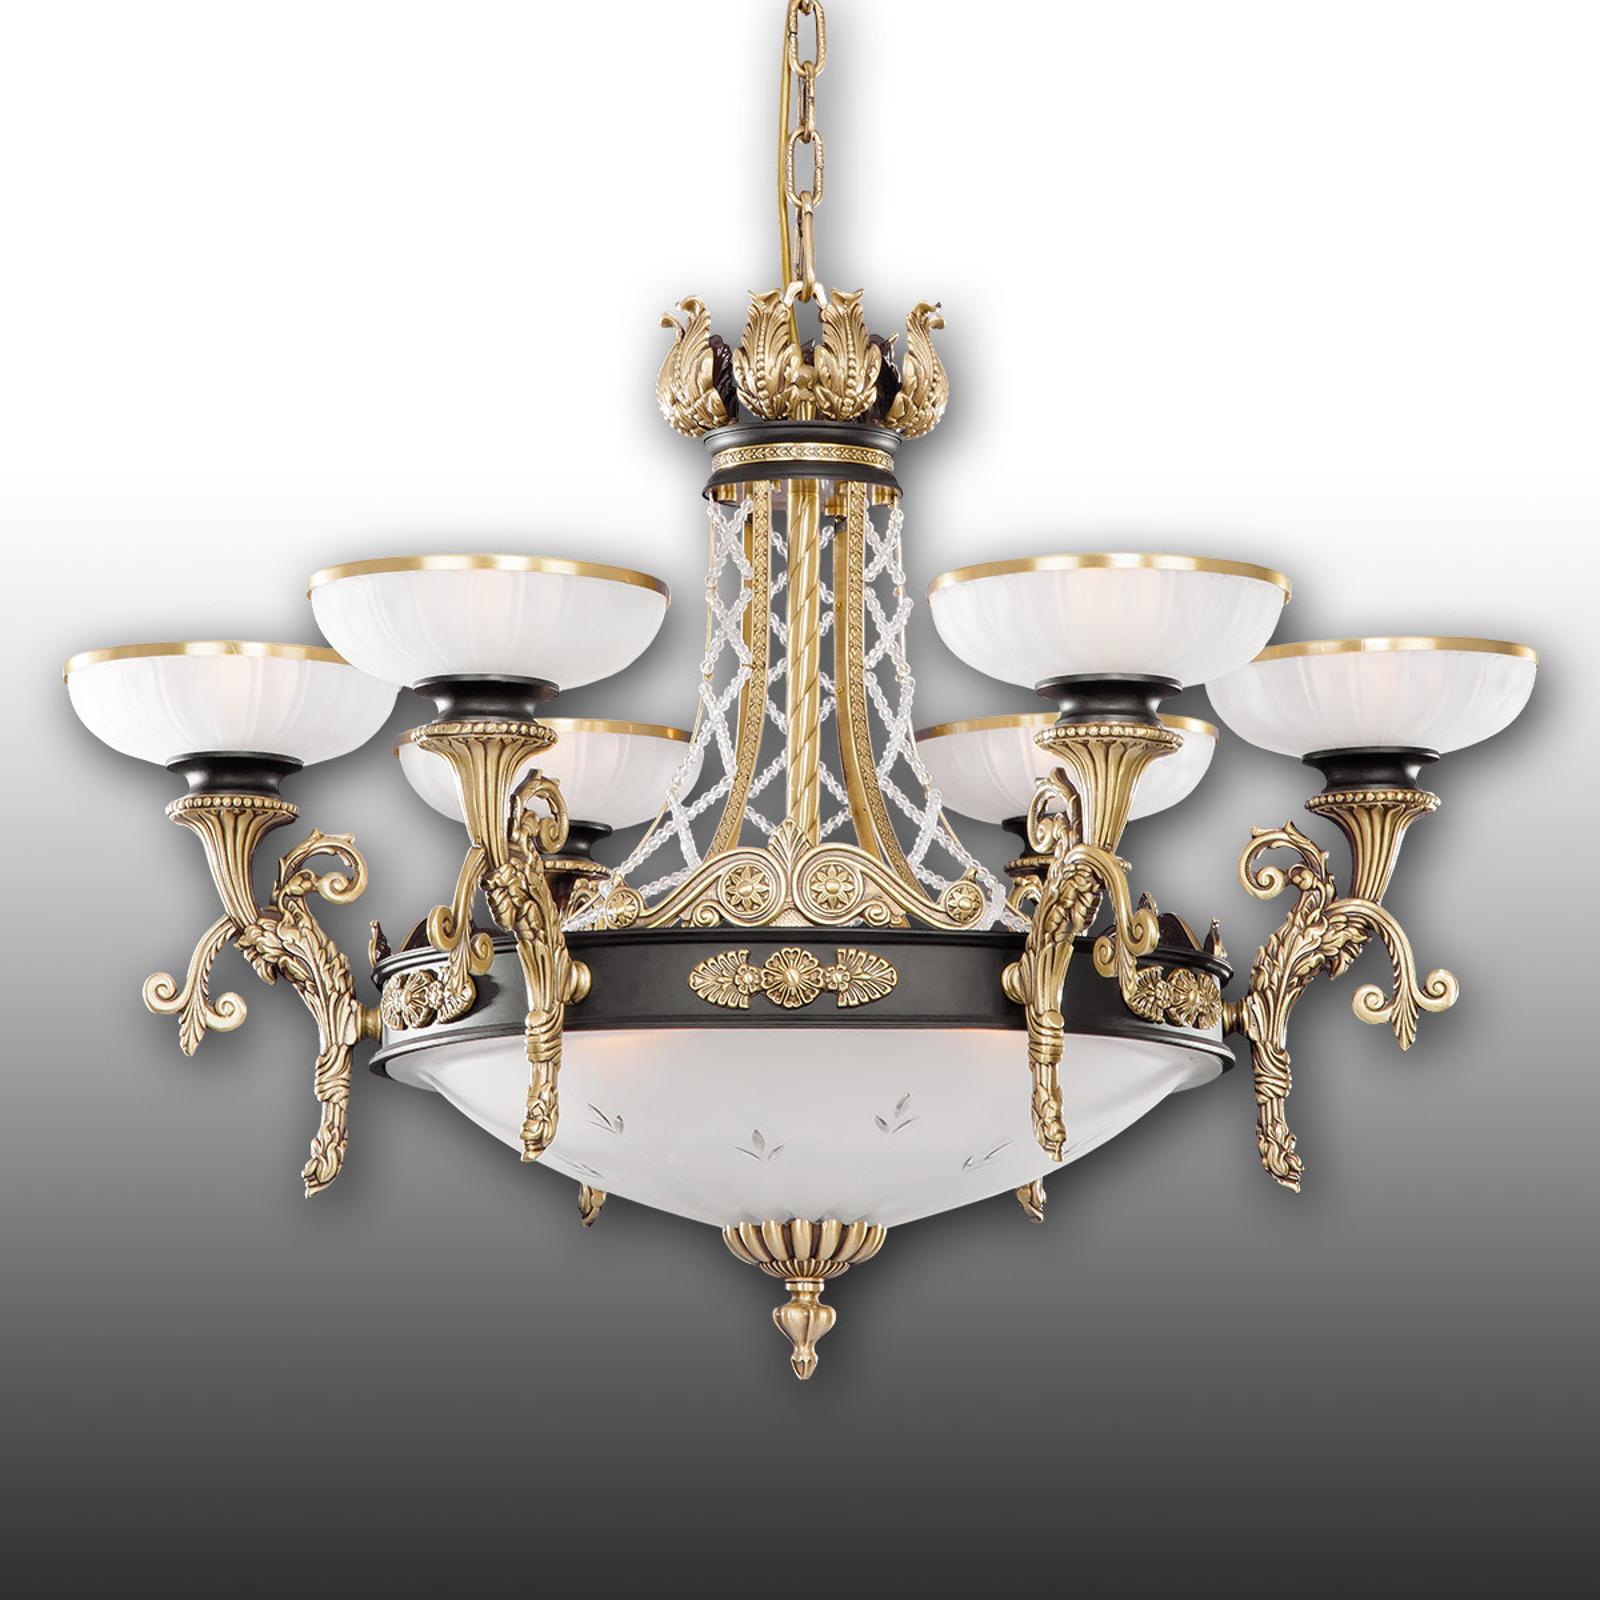 Praktfull ljuskrona Tudor